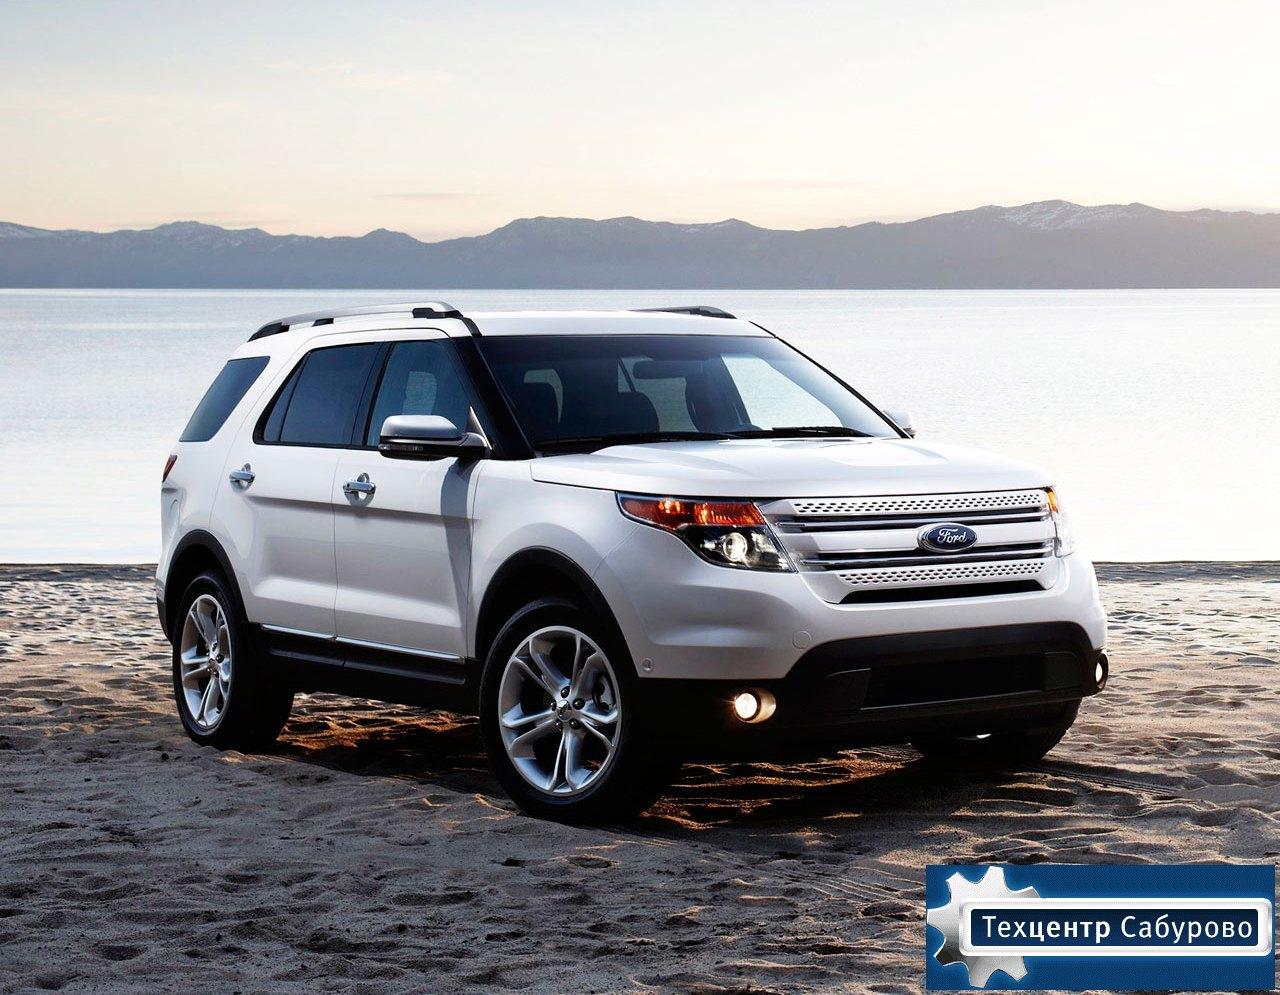 Ford Focus III Руководство по эксплуатации, техническому ...